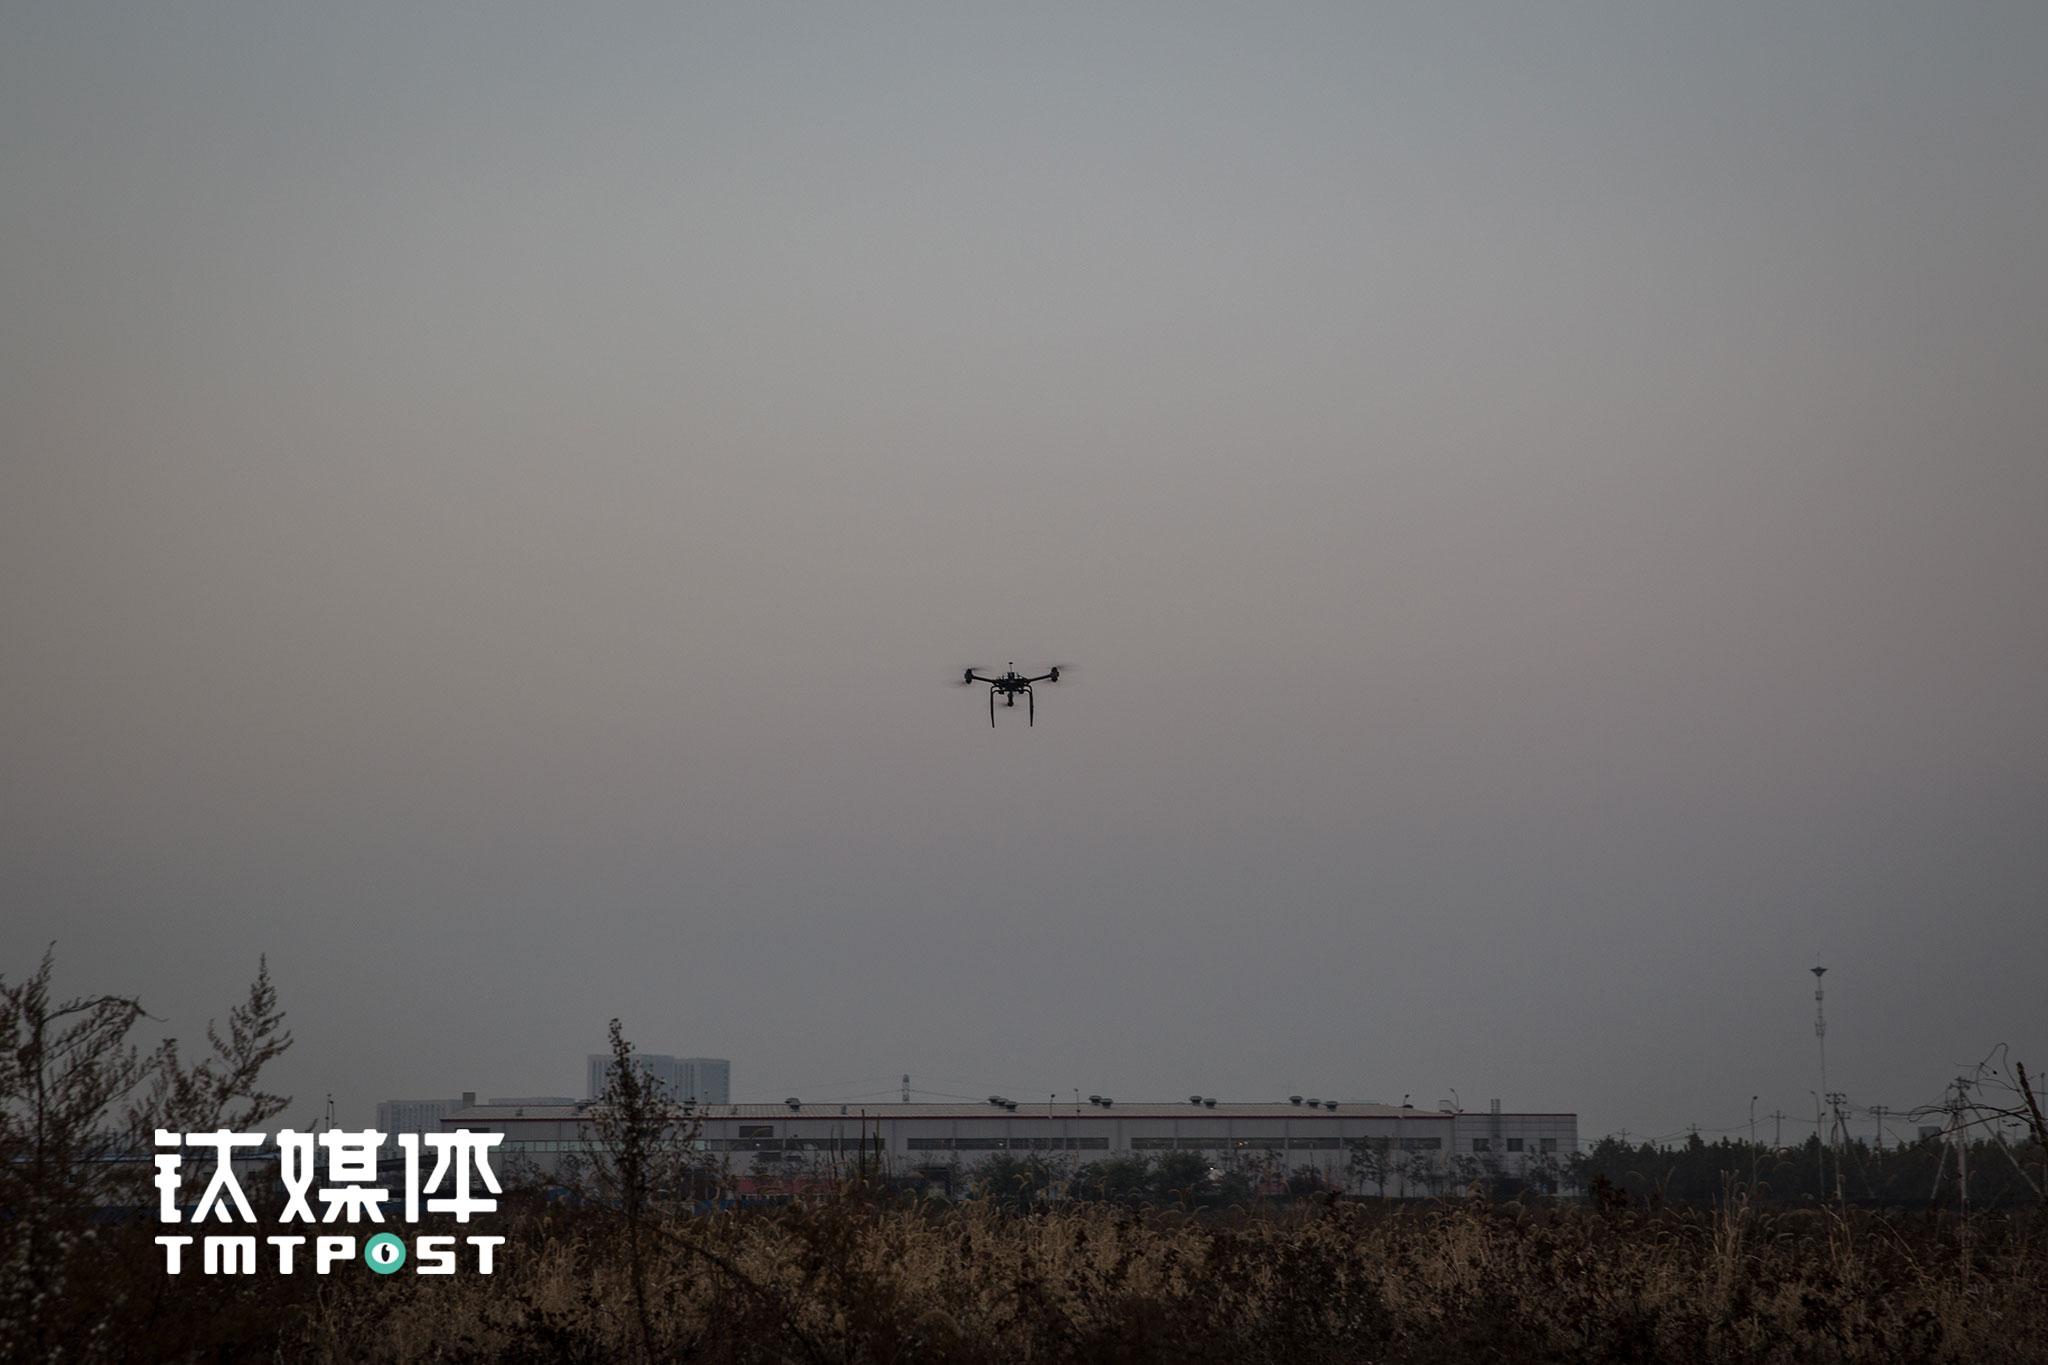 """试飞的这款机型是京东无人机中目前比较成熟的机型,可以搭载10~15公斤货物全自动飞行10~15公里,""""载重和飞行时间搭配比较合理,可以覆盖中国80%的乡村线路"""",一名工程师介绍,""""这款机型在山区、交通不便以及自然灾害阻隔道路的地方能实现快速运送货物,可以让更多乡村用户实现与城市用户同质同价格的购物体验。"""""""